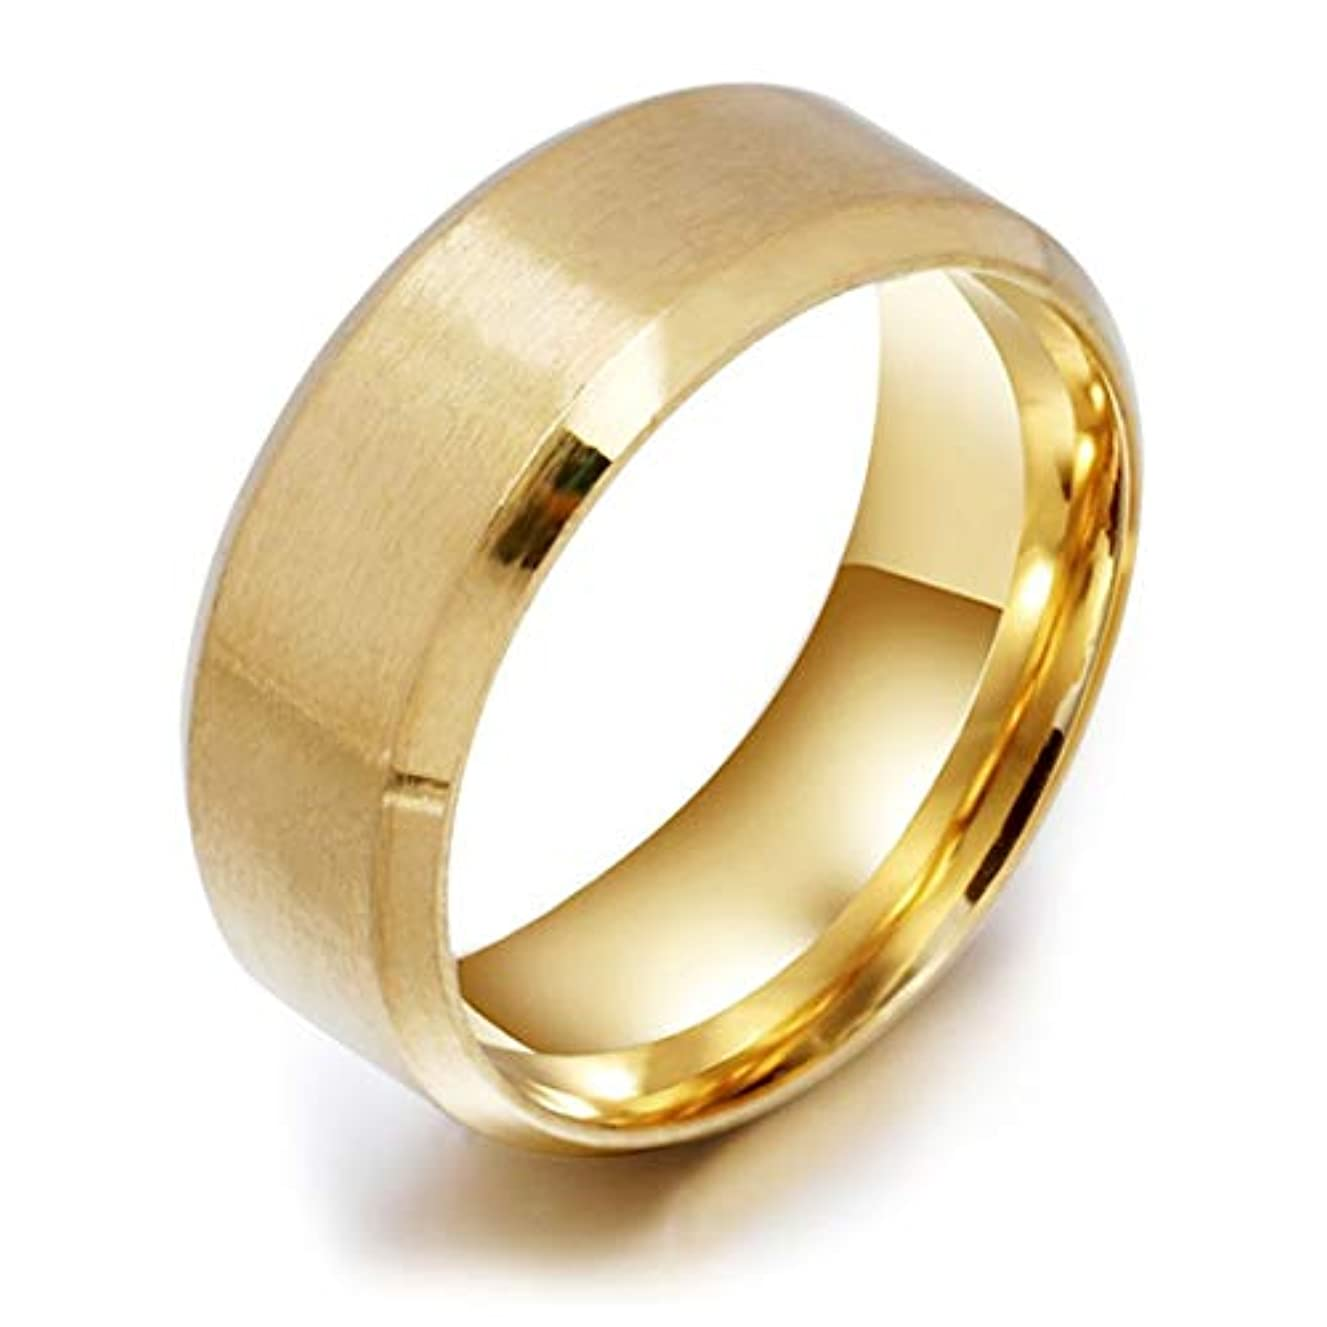 ぴかぴかミット未知のステンレス鋼の医療指リング磁気減量リング男性の女性のリングのための高いポーランドのファッションジュエリー (Panda) (色:シルバー)